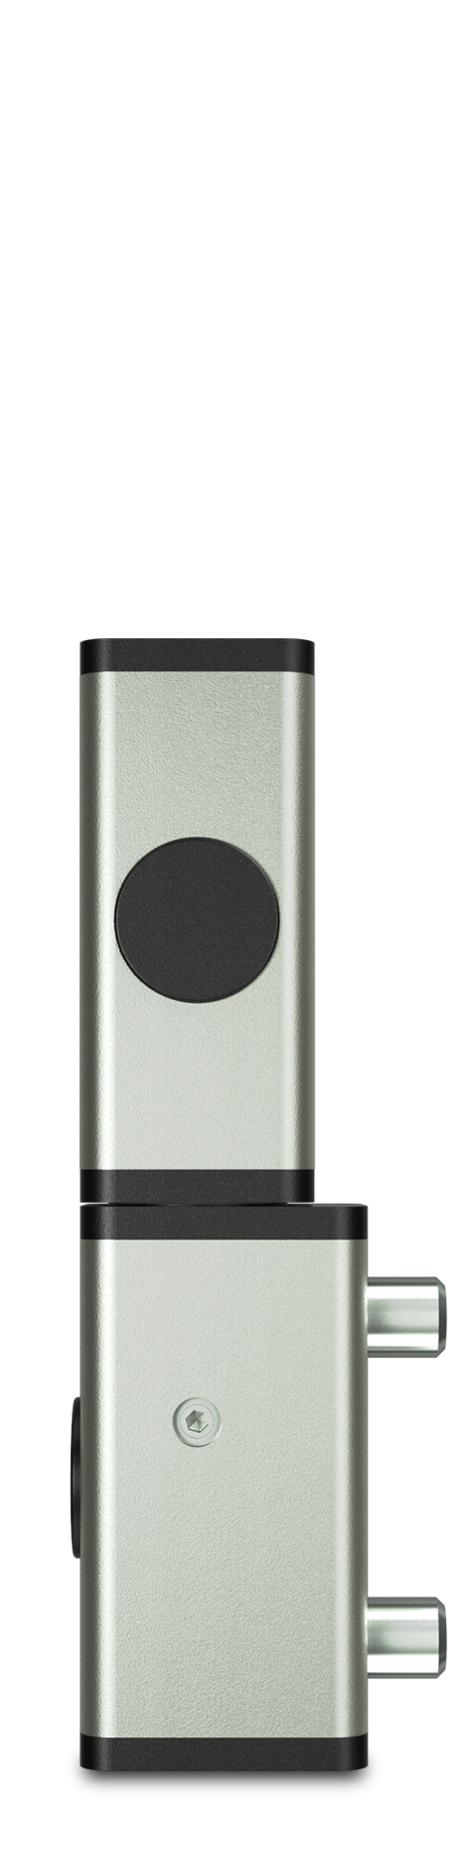 Eckscharnier 2-teilig Edelstahl, gesandstrahlt, rechts, steigend, aushängbar, für Türen ab 35 mm Überschlag, mit Zapfen, mit schwarzen Abdeckkappen